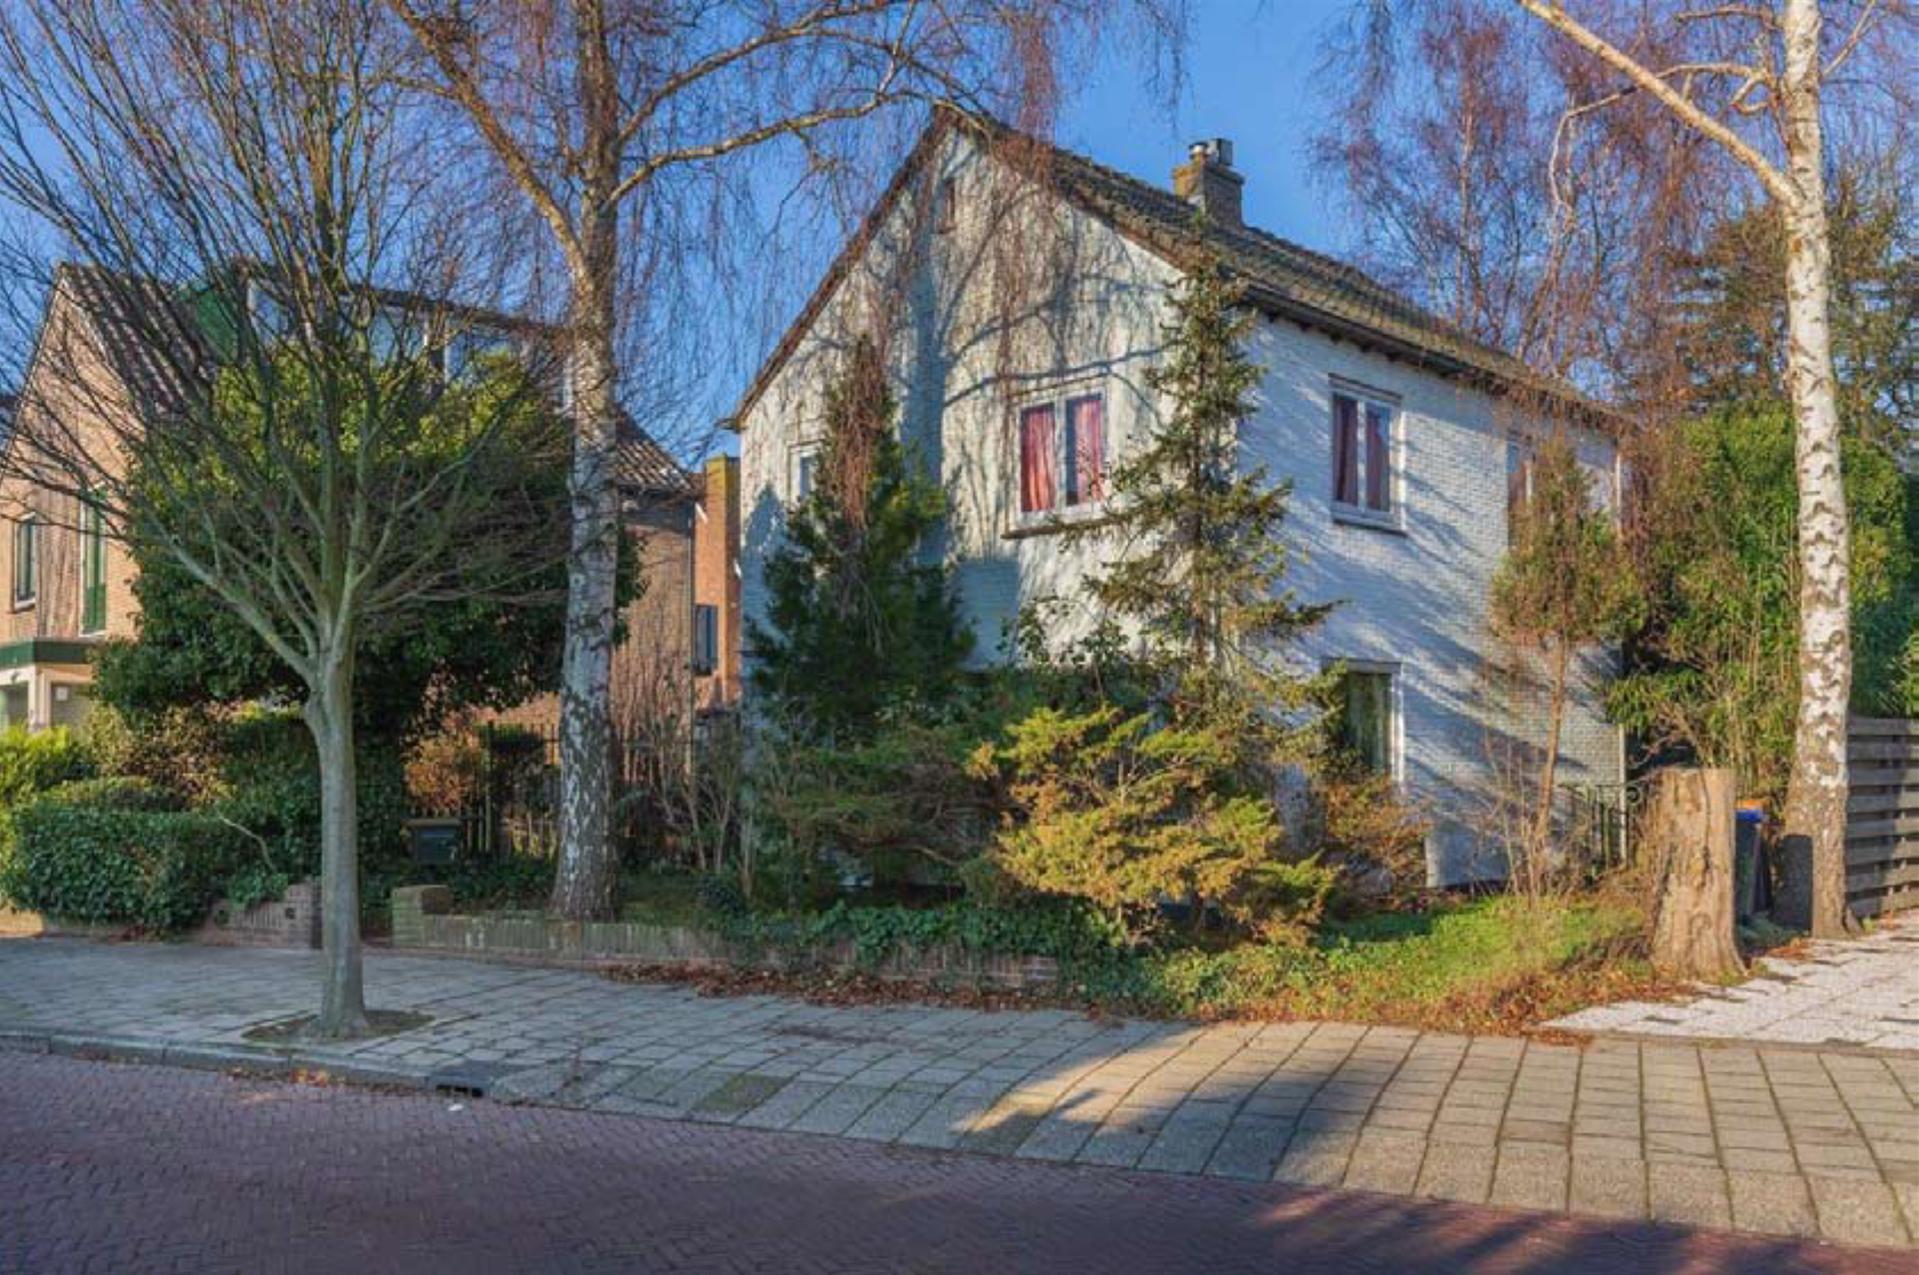 foto van ouderlijk huis en tuin